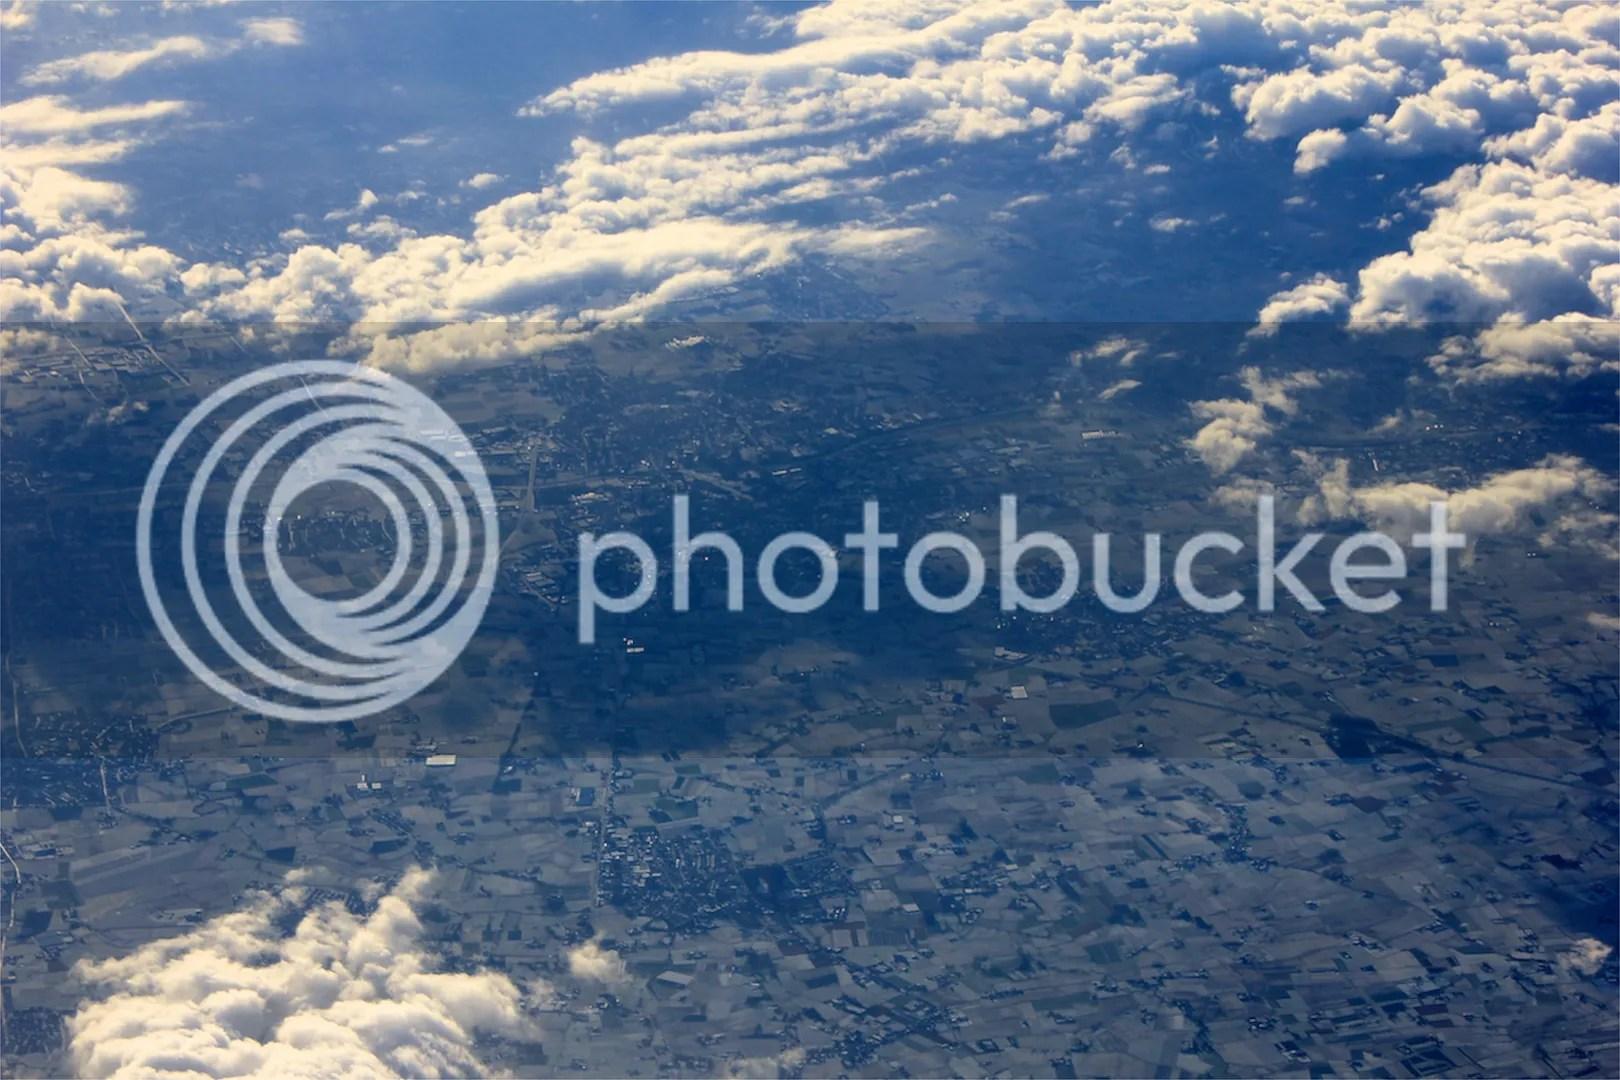 https://i0.wp.com/i181.photobucket.com/albums/x35/jwhite9185/Larnaca/file-47.jpg